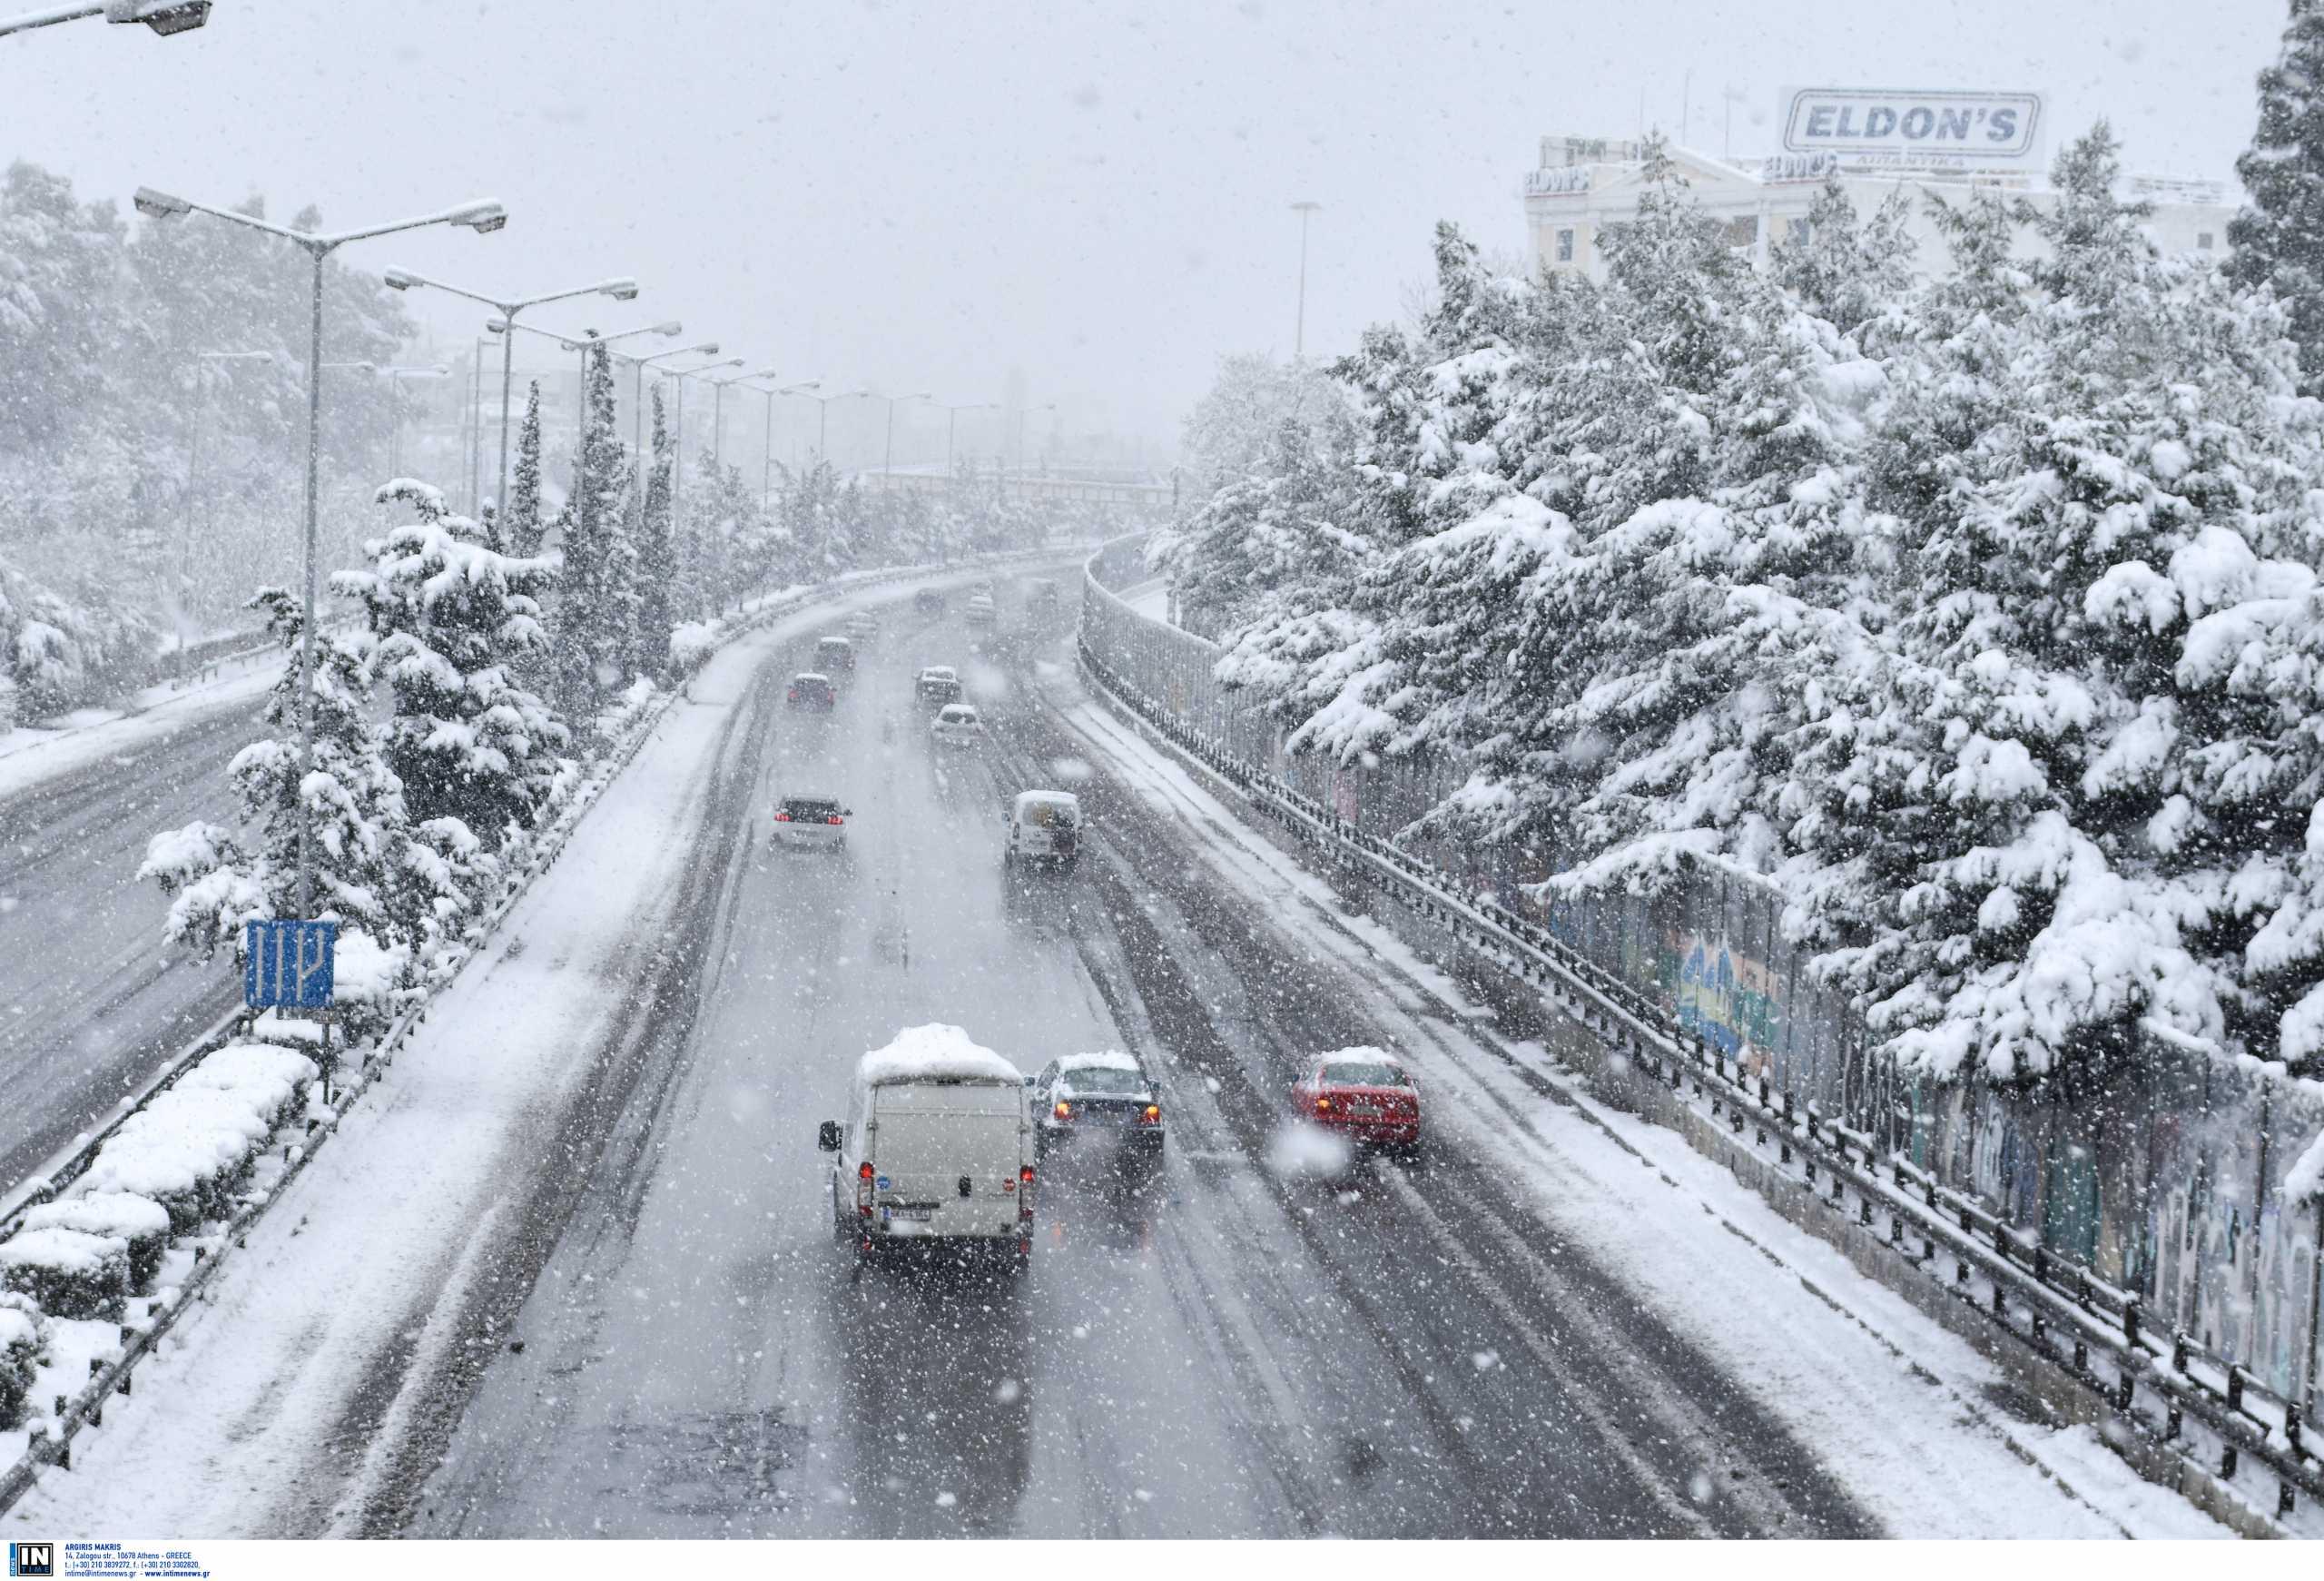 Καιρός – Κακοκαιρία Μήδεια: Άνοιξε η Αθηνών – Λαμίας – Που χρειάζονται αλυσίδες, ποιοι δρόμοι είναι κλειστοί